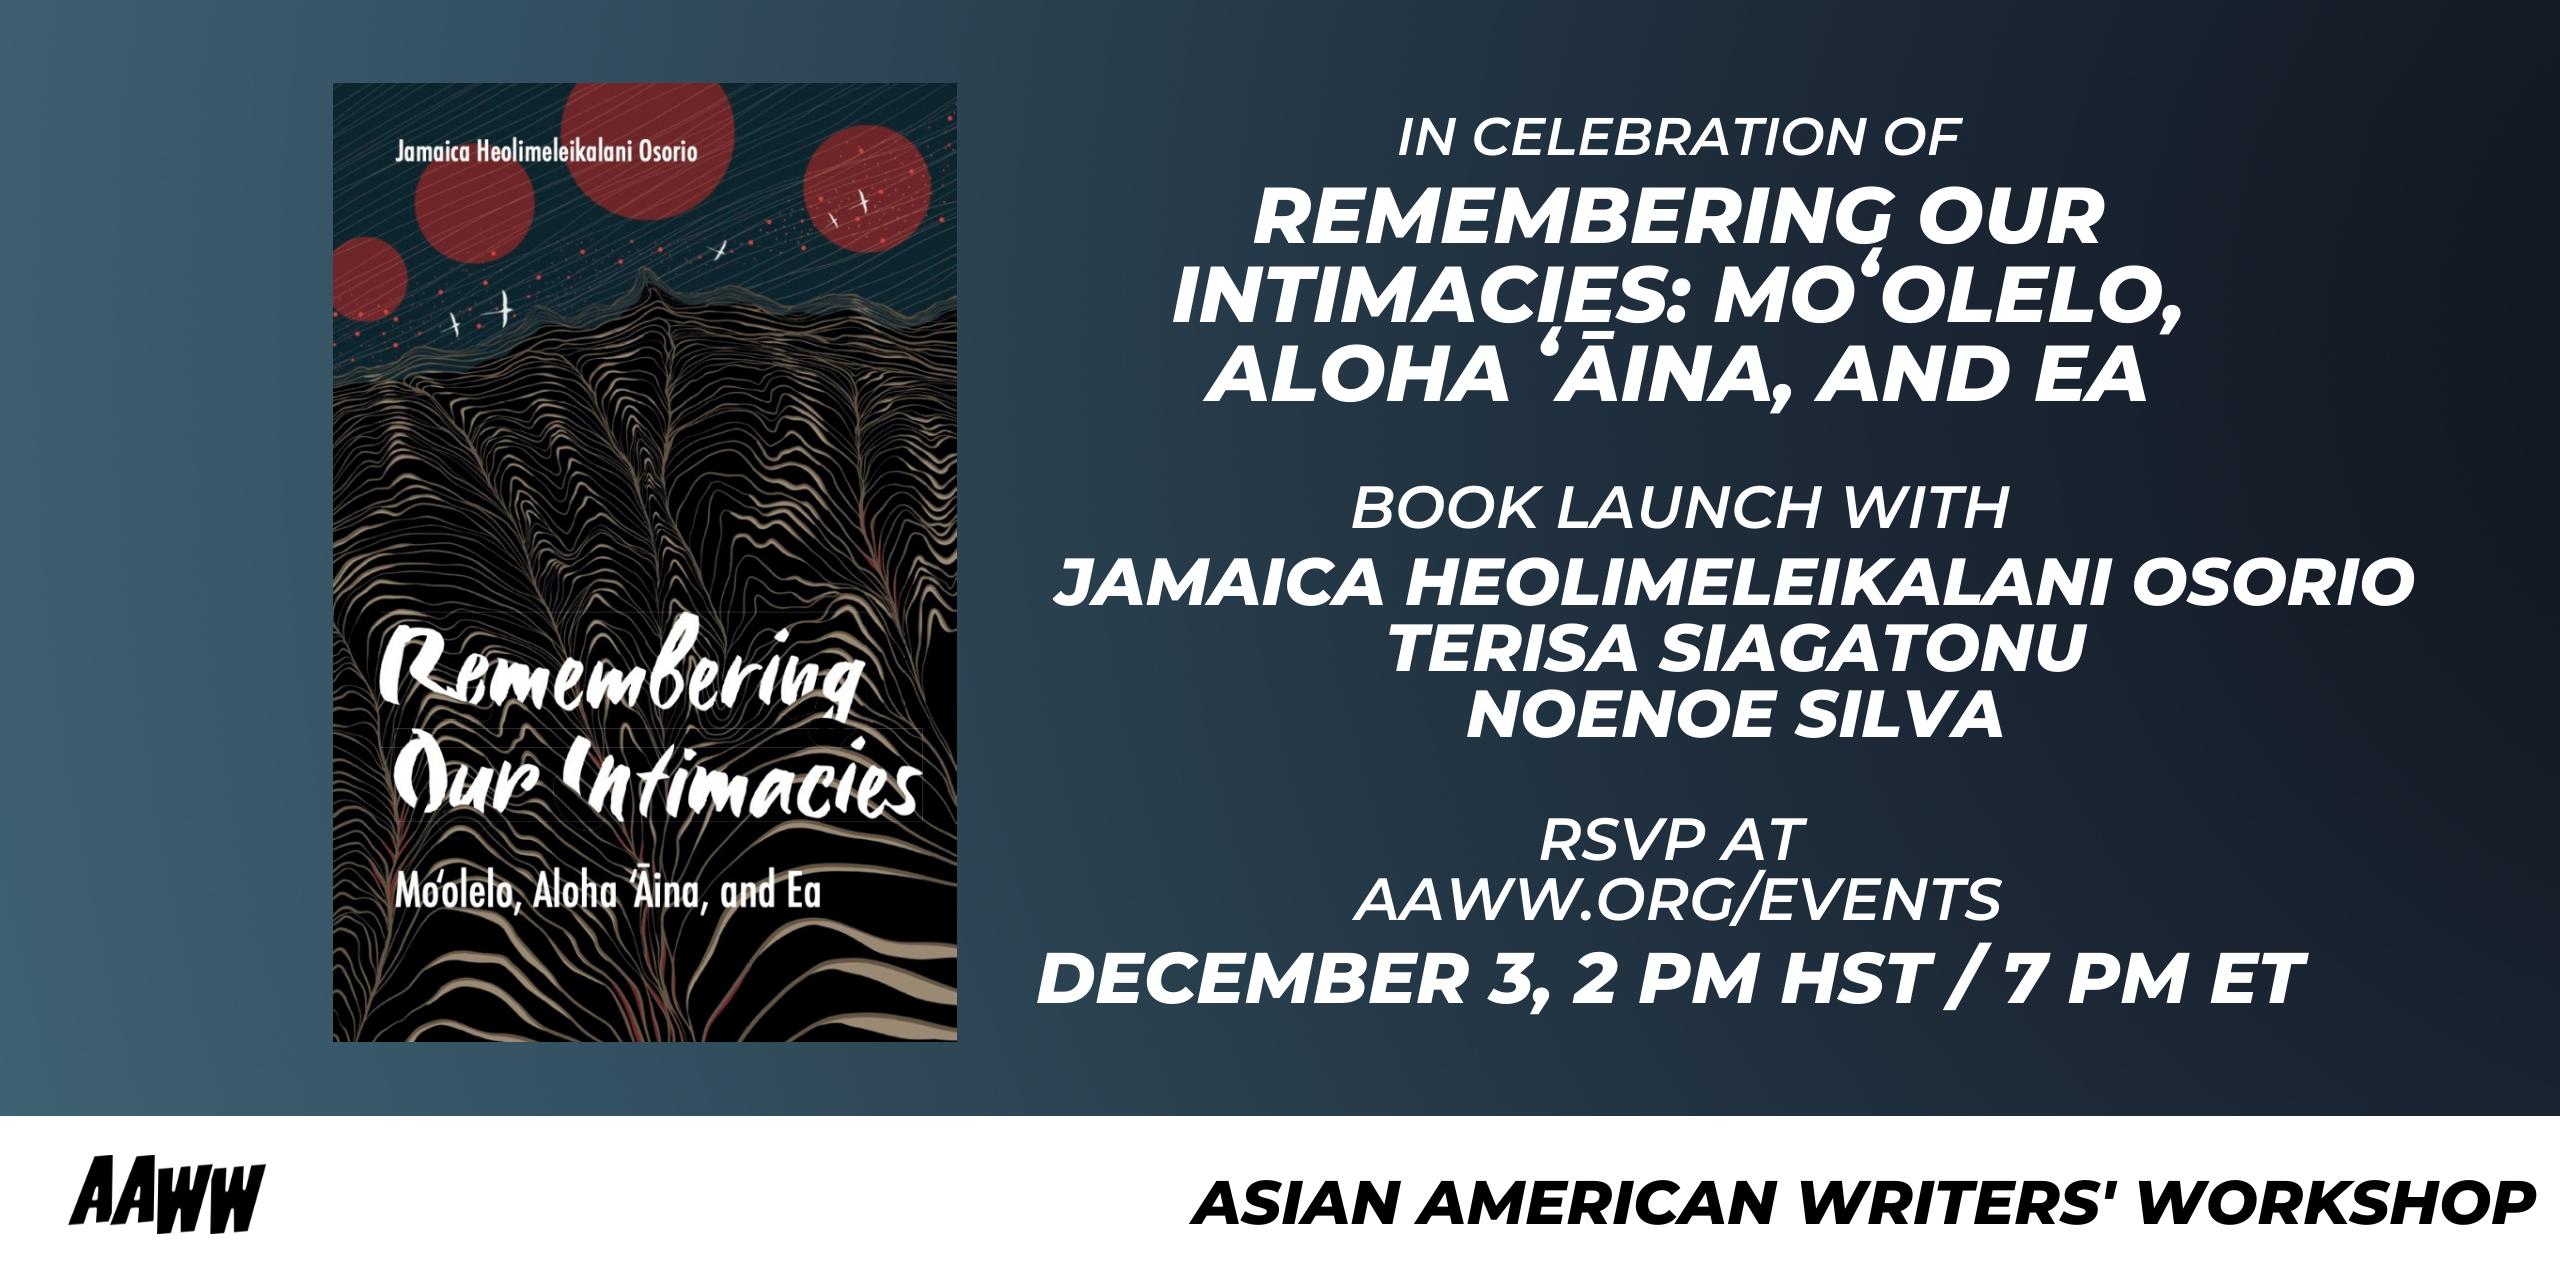 Remembering Our Intimacies: Moʻolelo, Aloha ʻĀina, and Ea